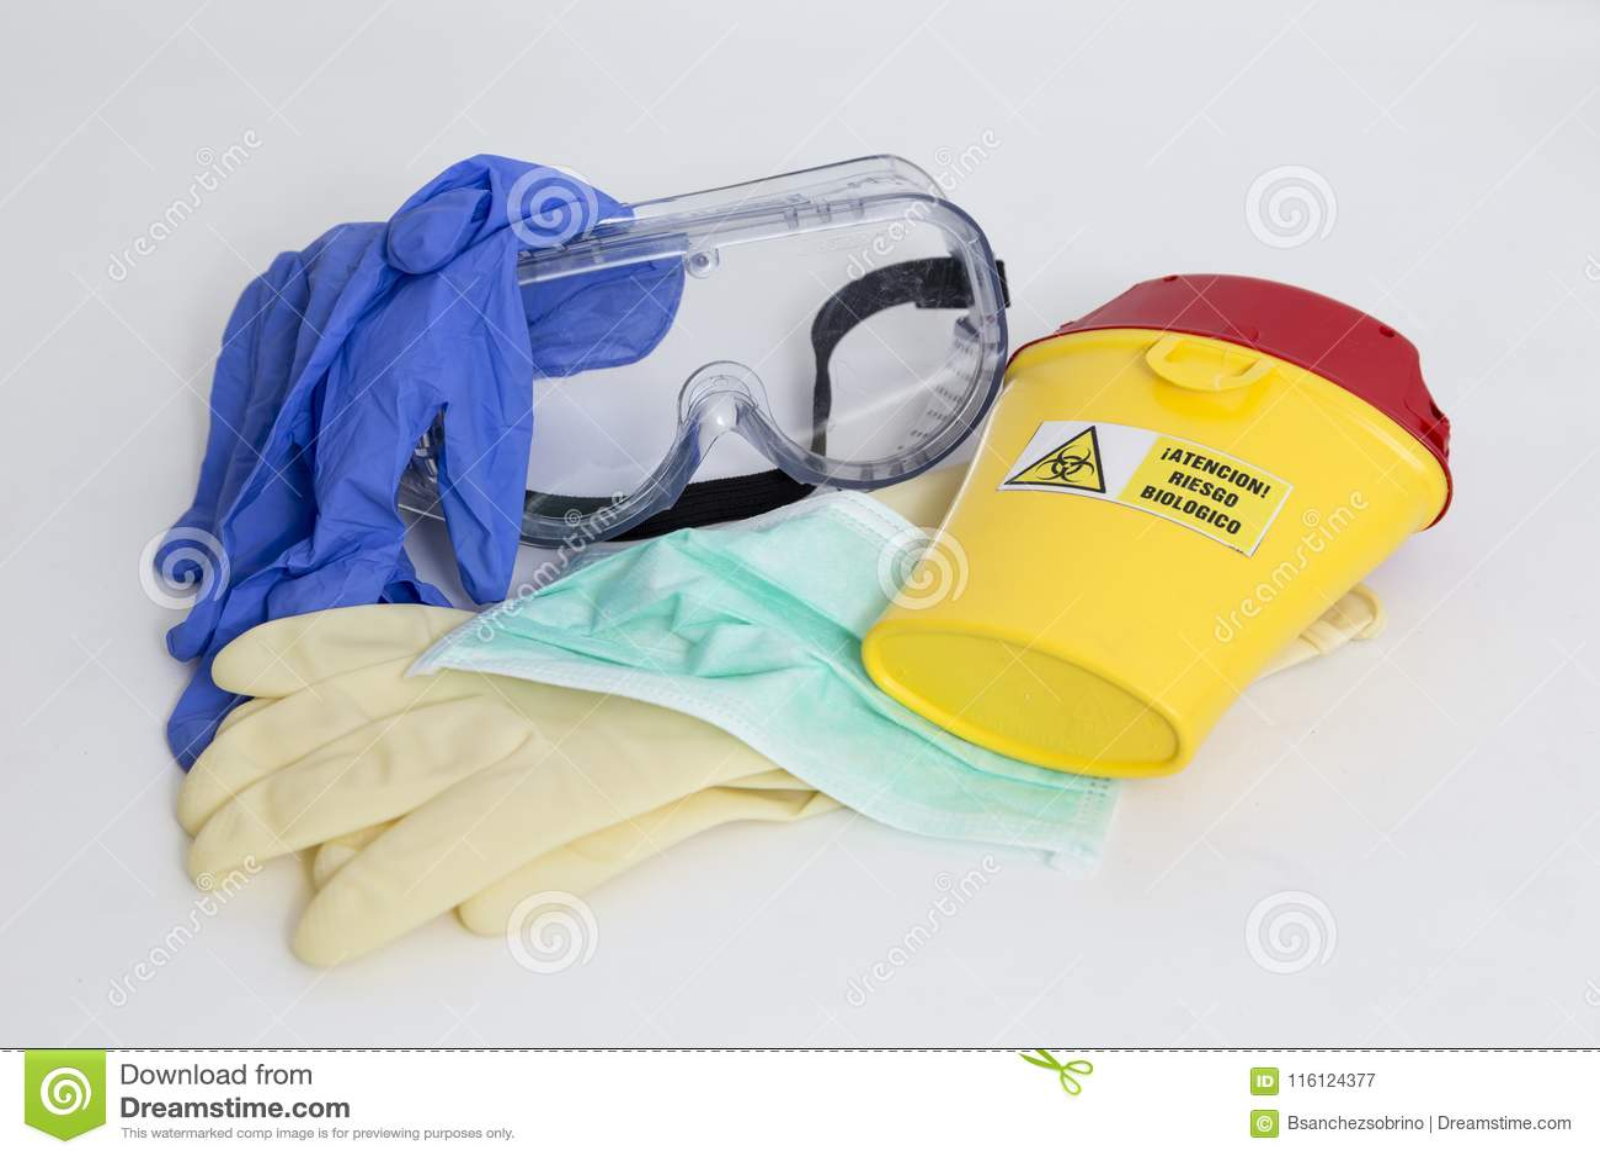 Équipement pour la protection contre le risque biologique